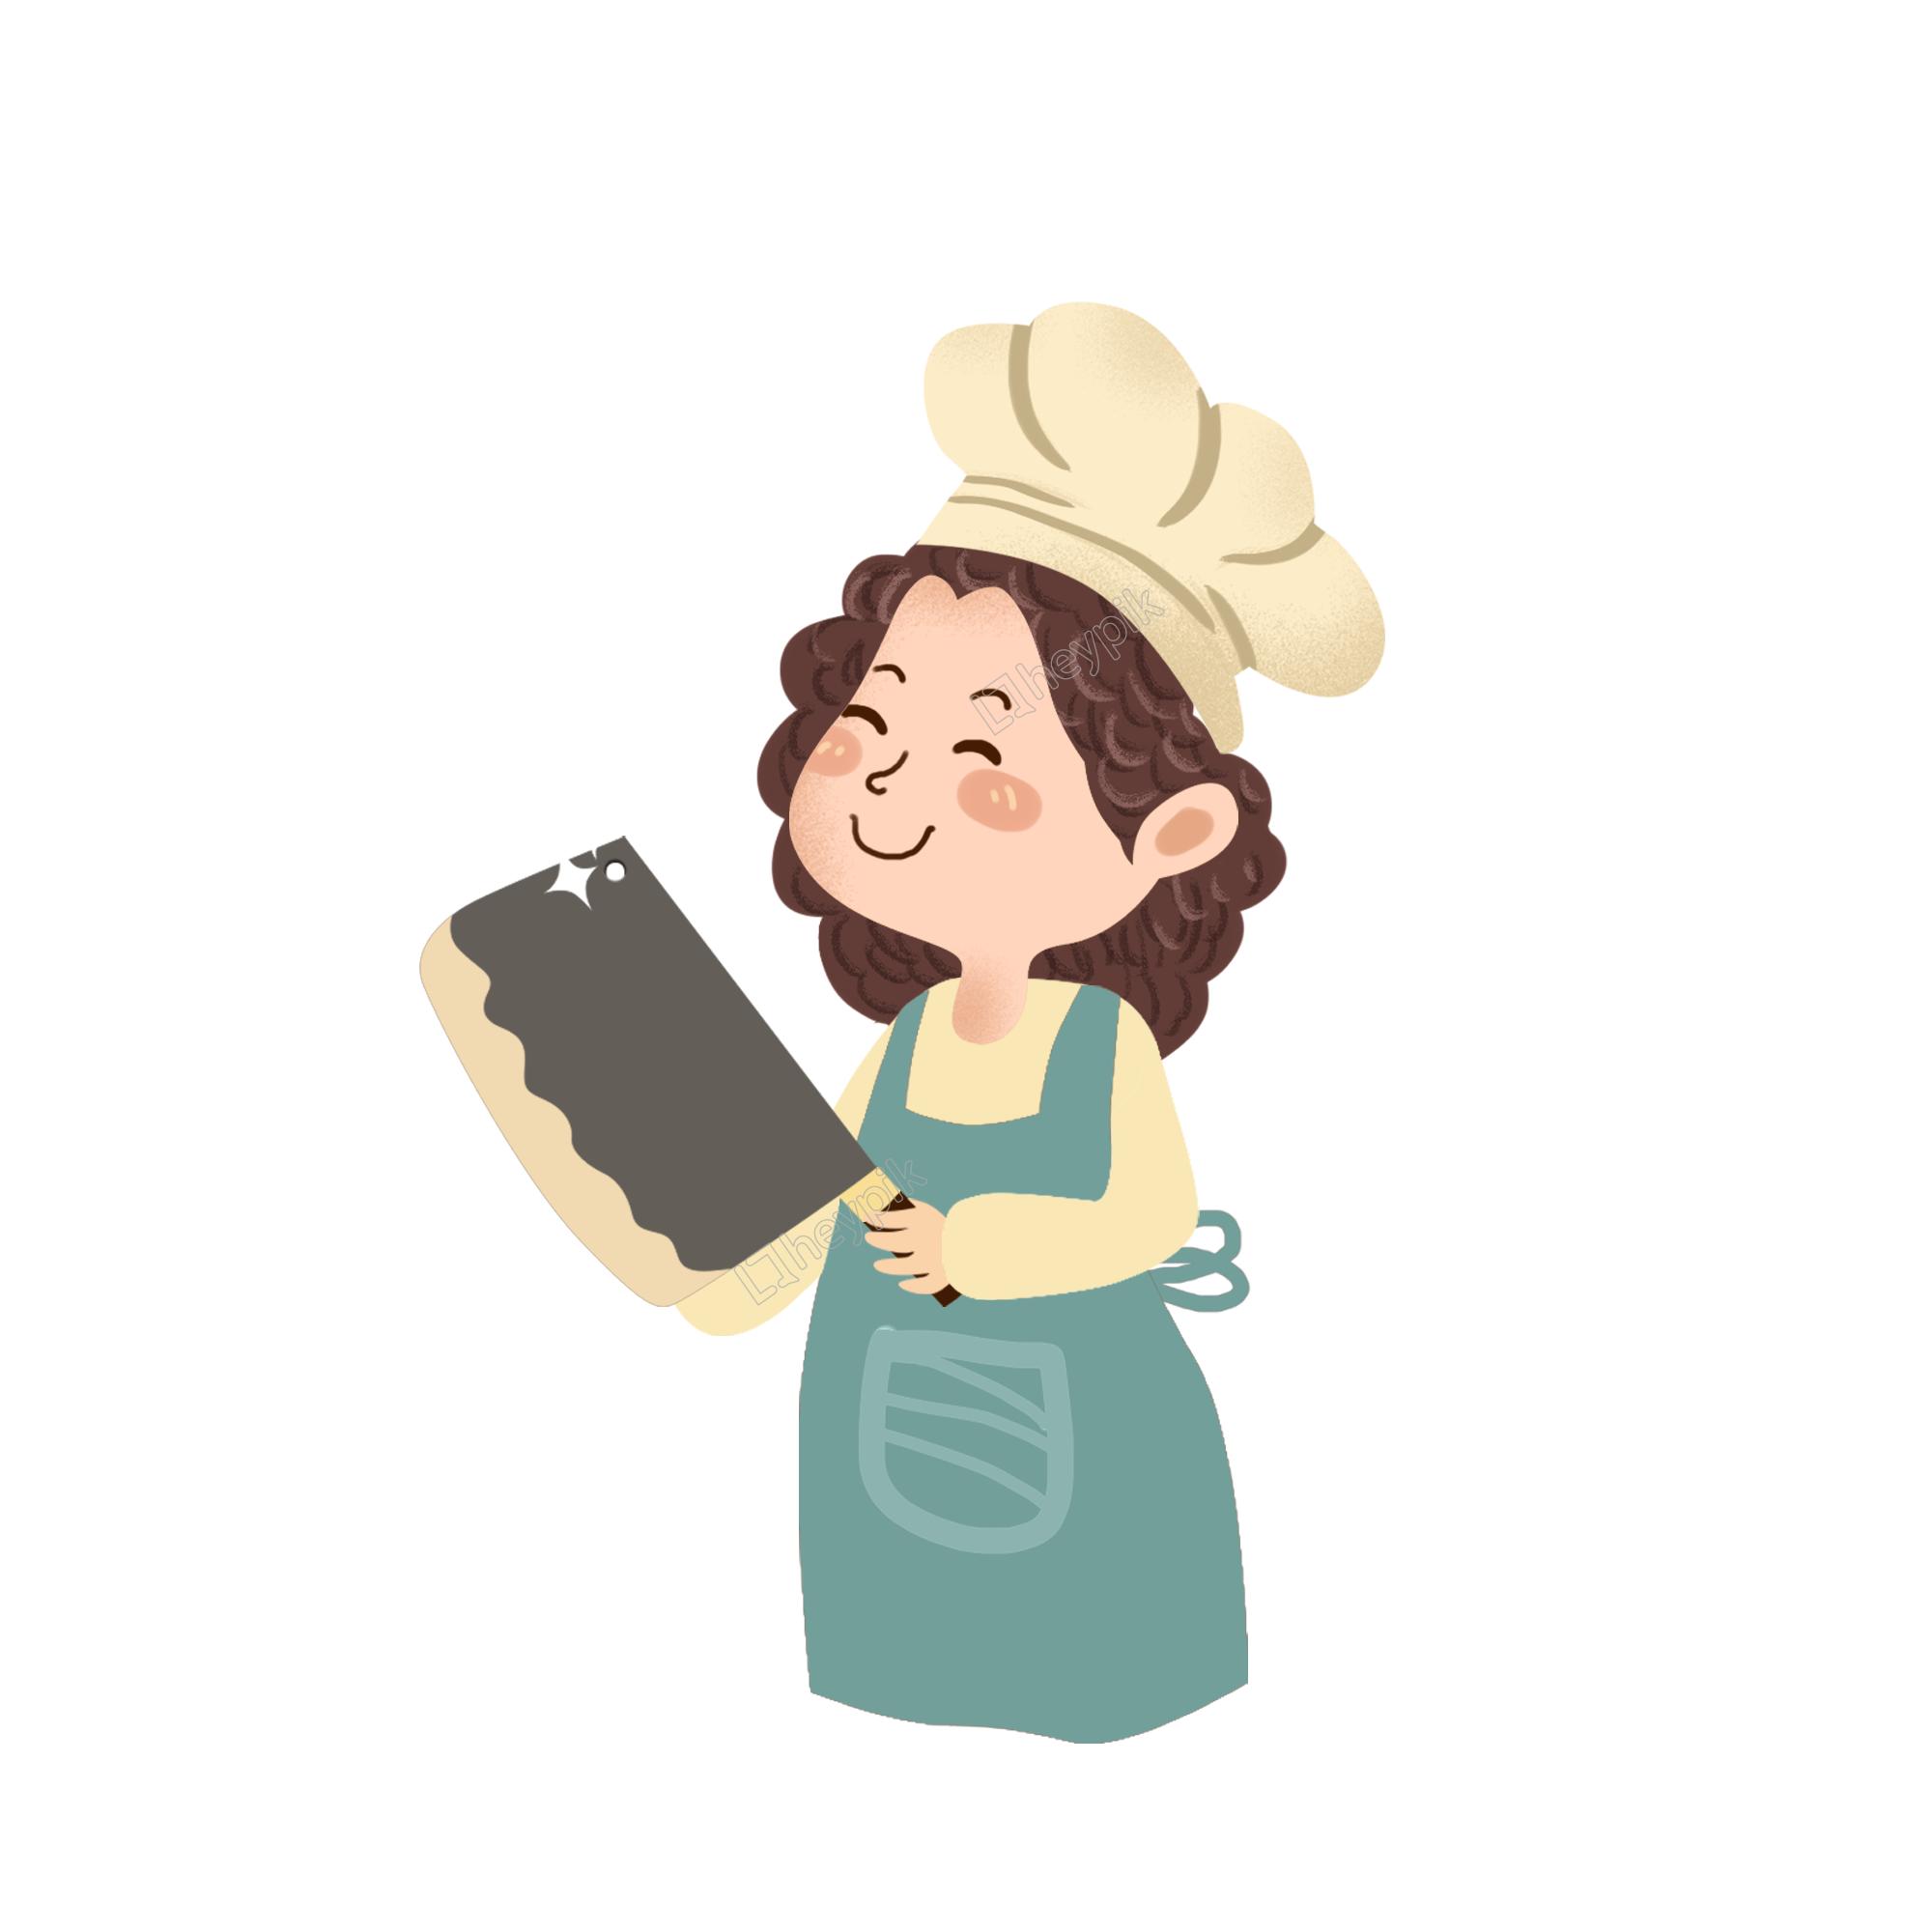 พ่อครัวการ์ตูนหญิงถือมีดครัวขนาดใหญ่ ไฟล์ png และ psd